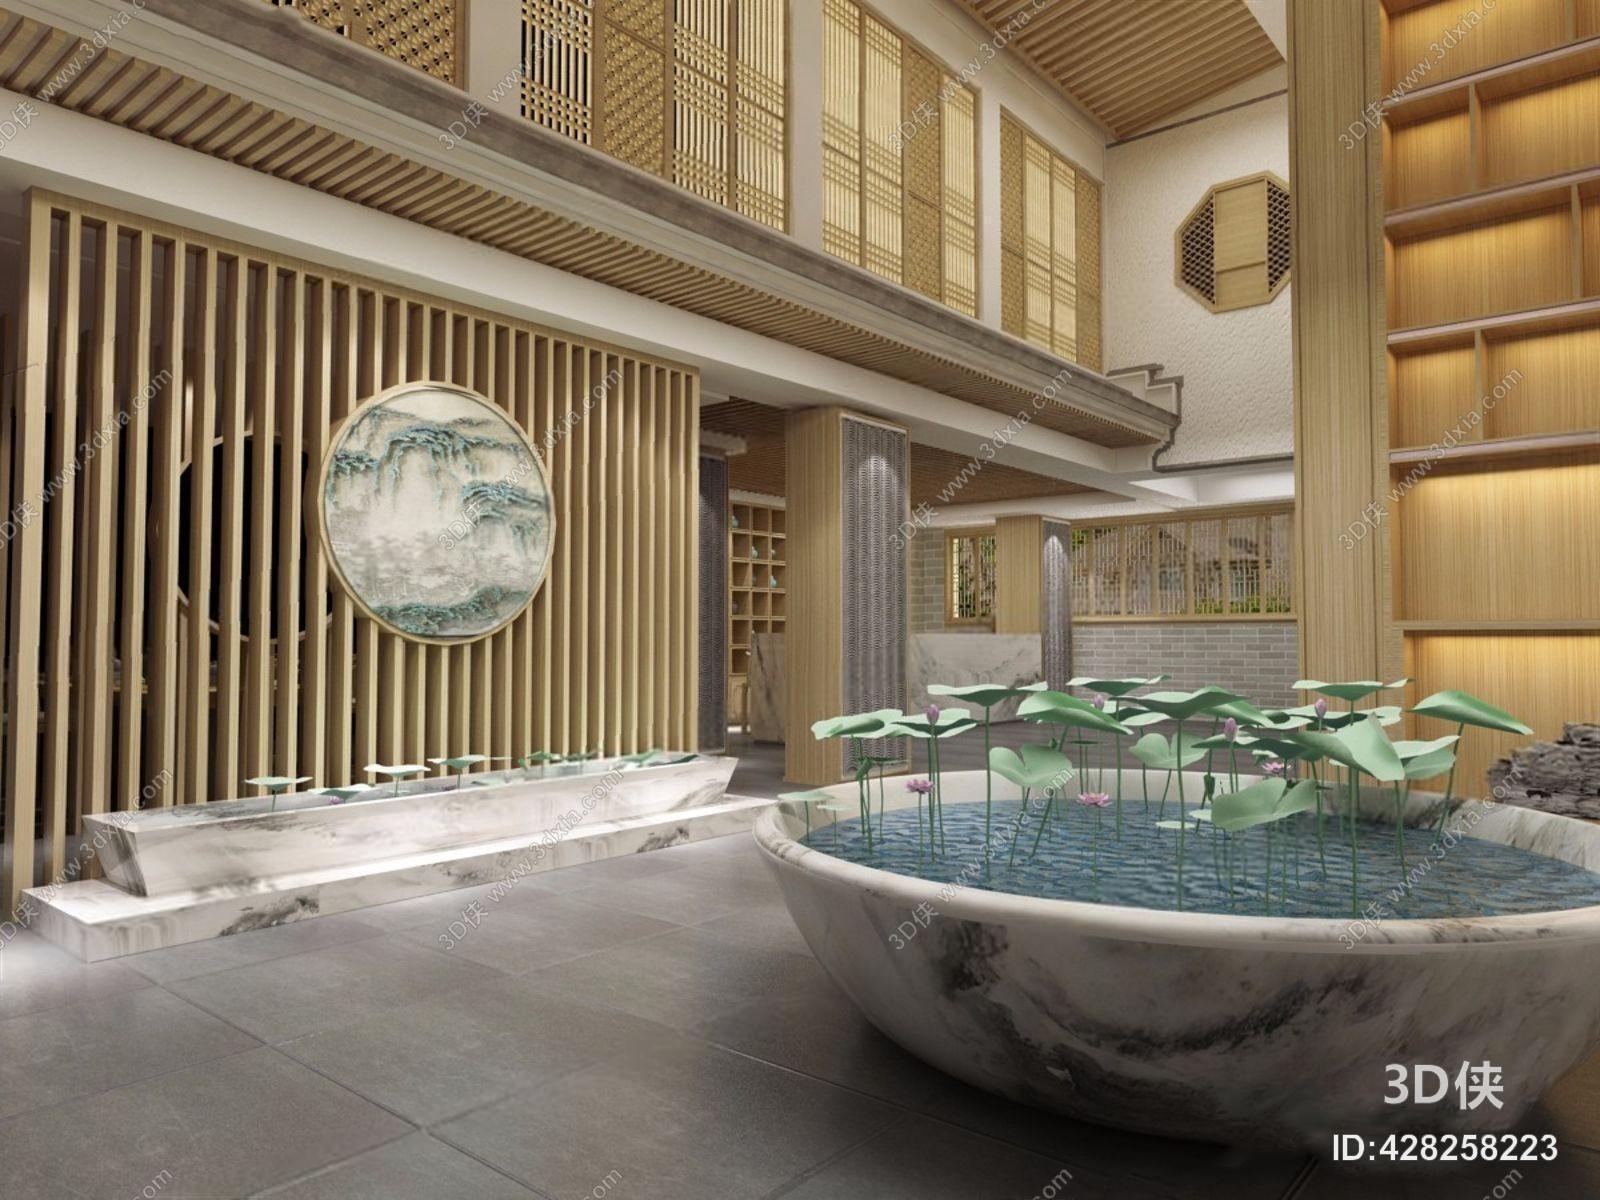 新中式接待大厅3d模型下载【id:428258223】图片